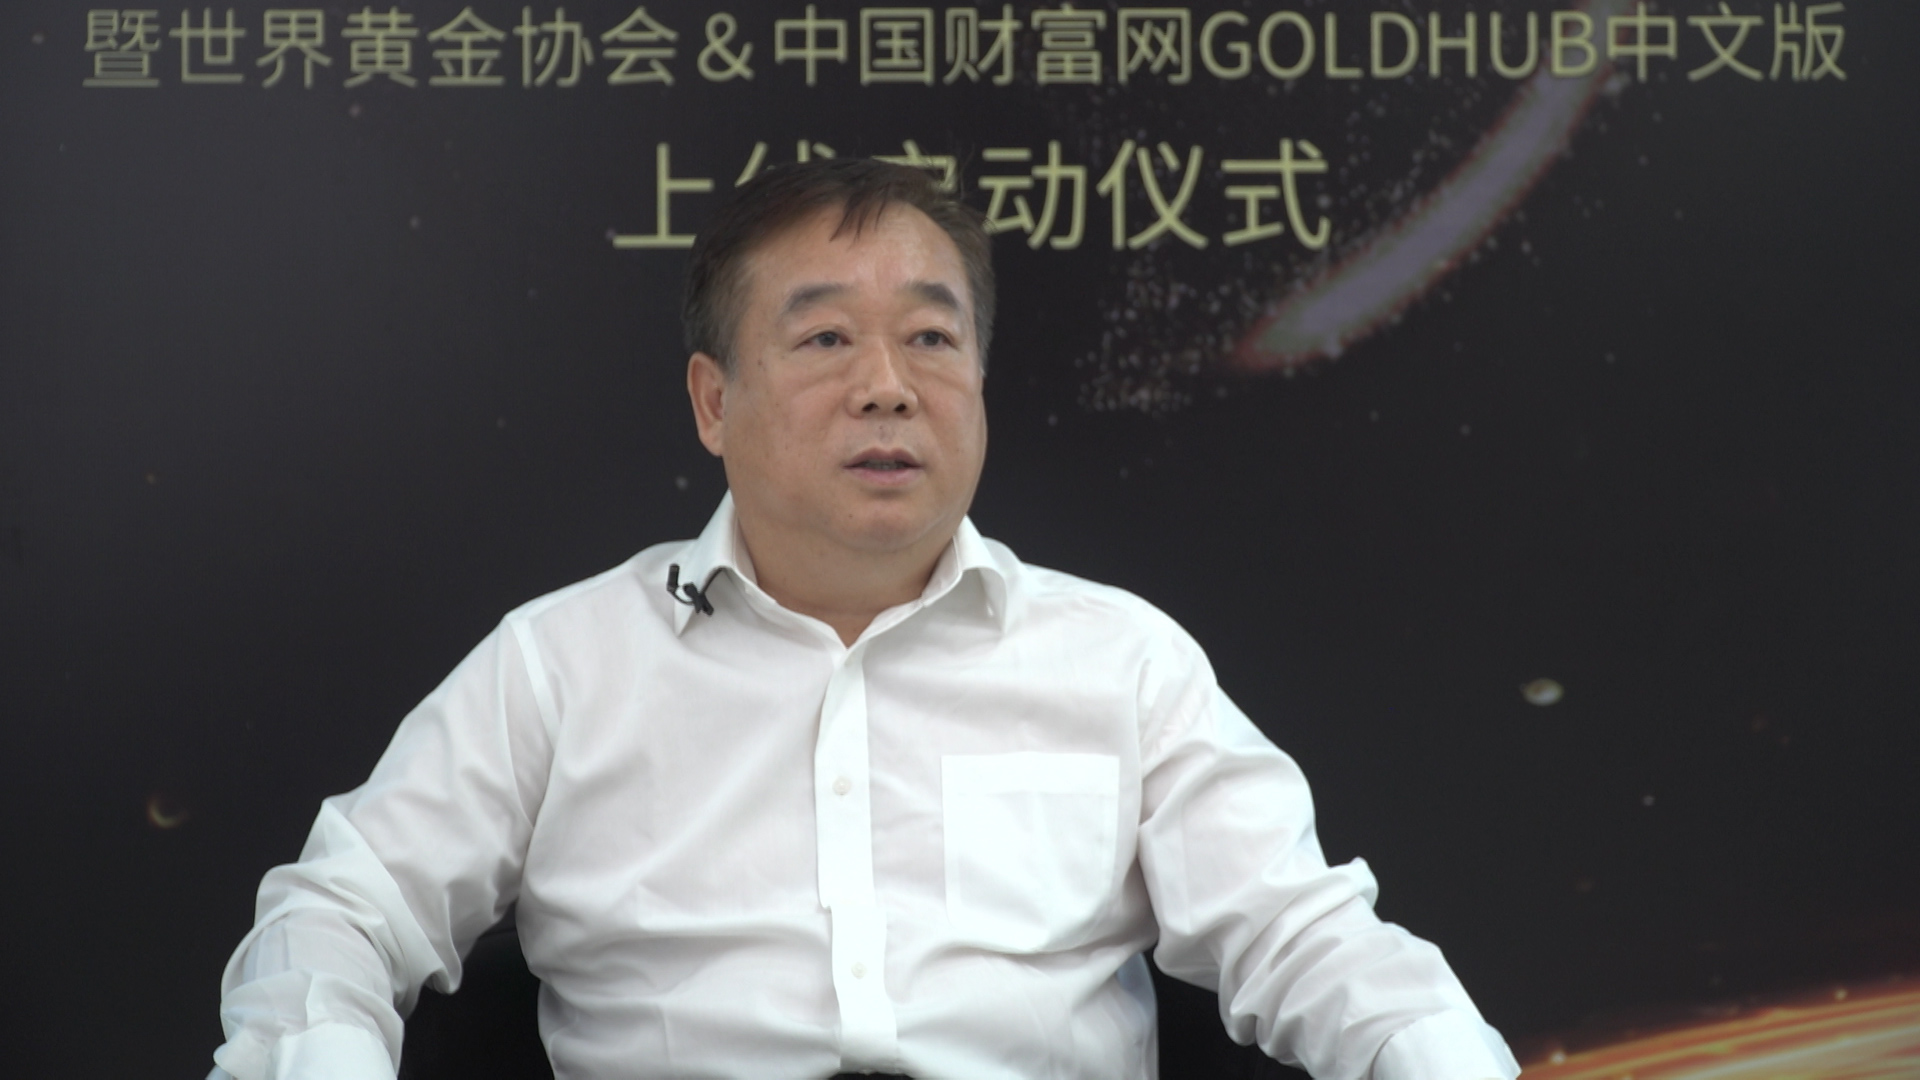 黄金产业未来必然会向数字化发展